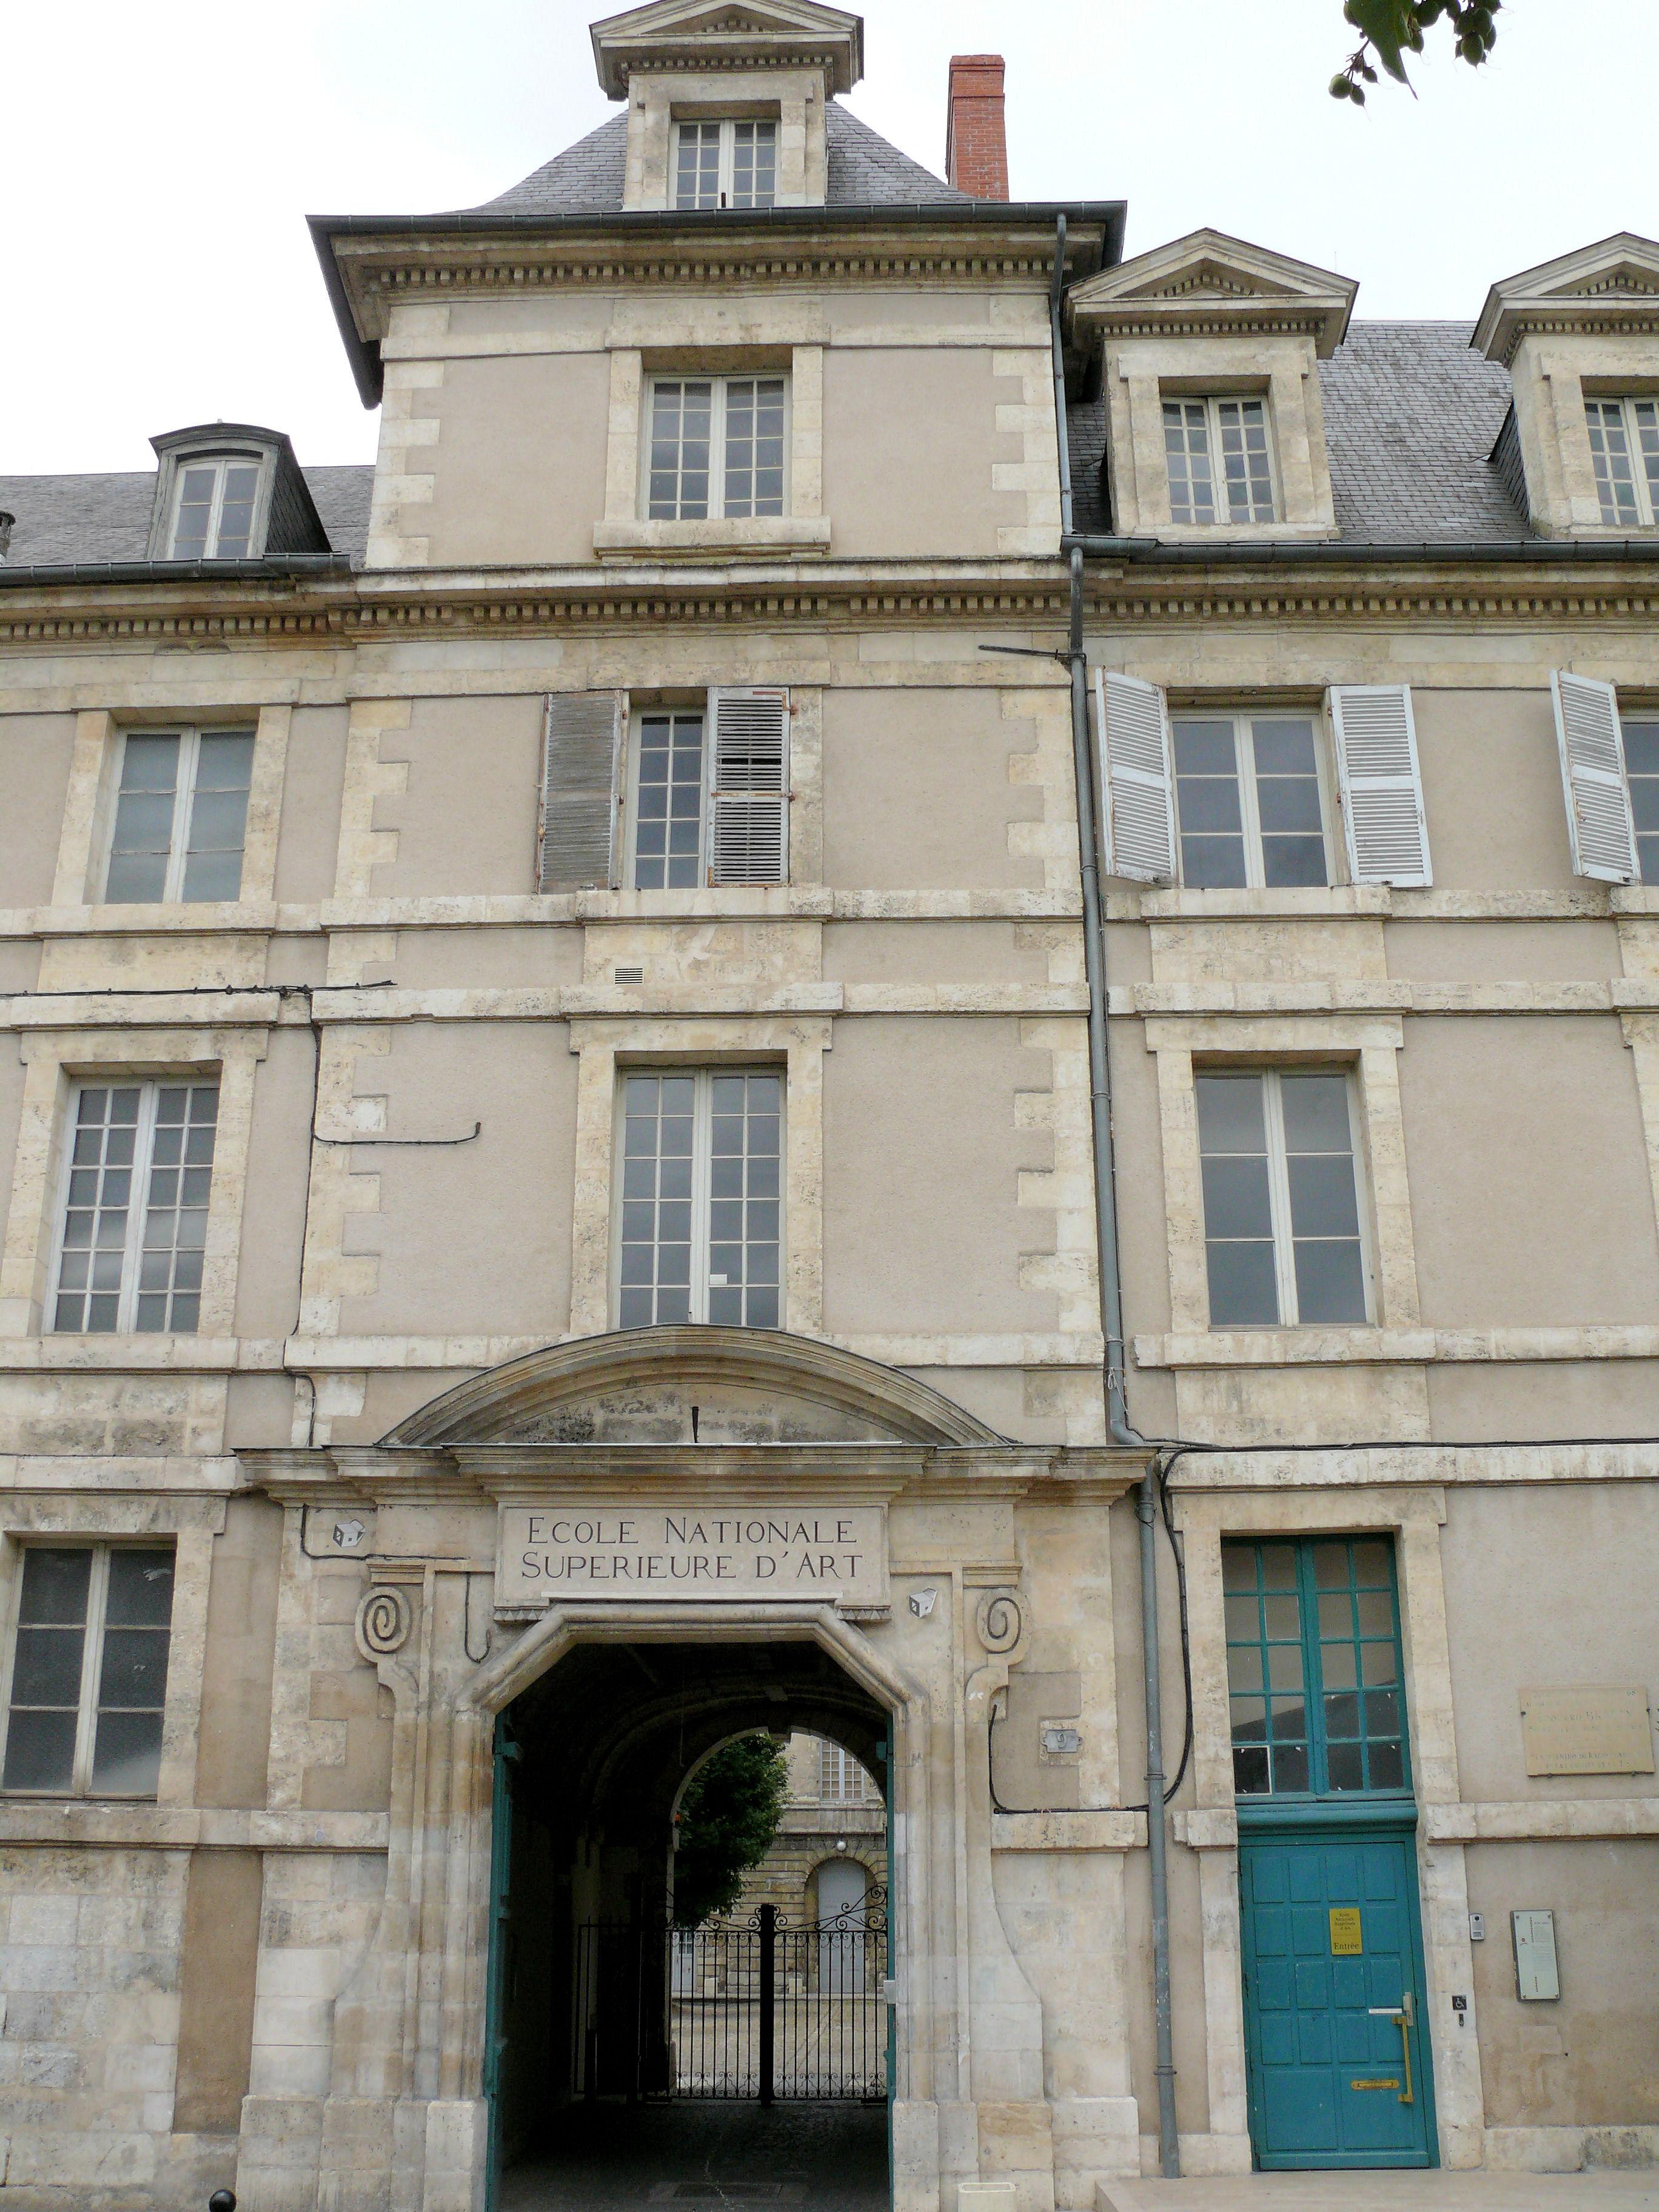 Galerie D Art Bourges École nationale supérieure d'art de bourges — wikipédia